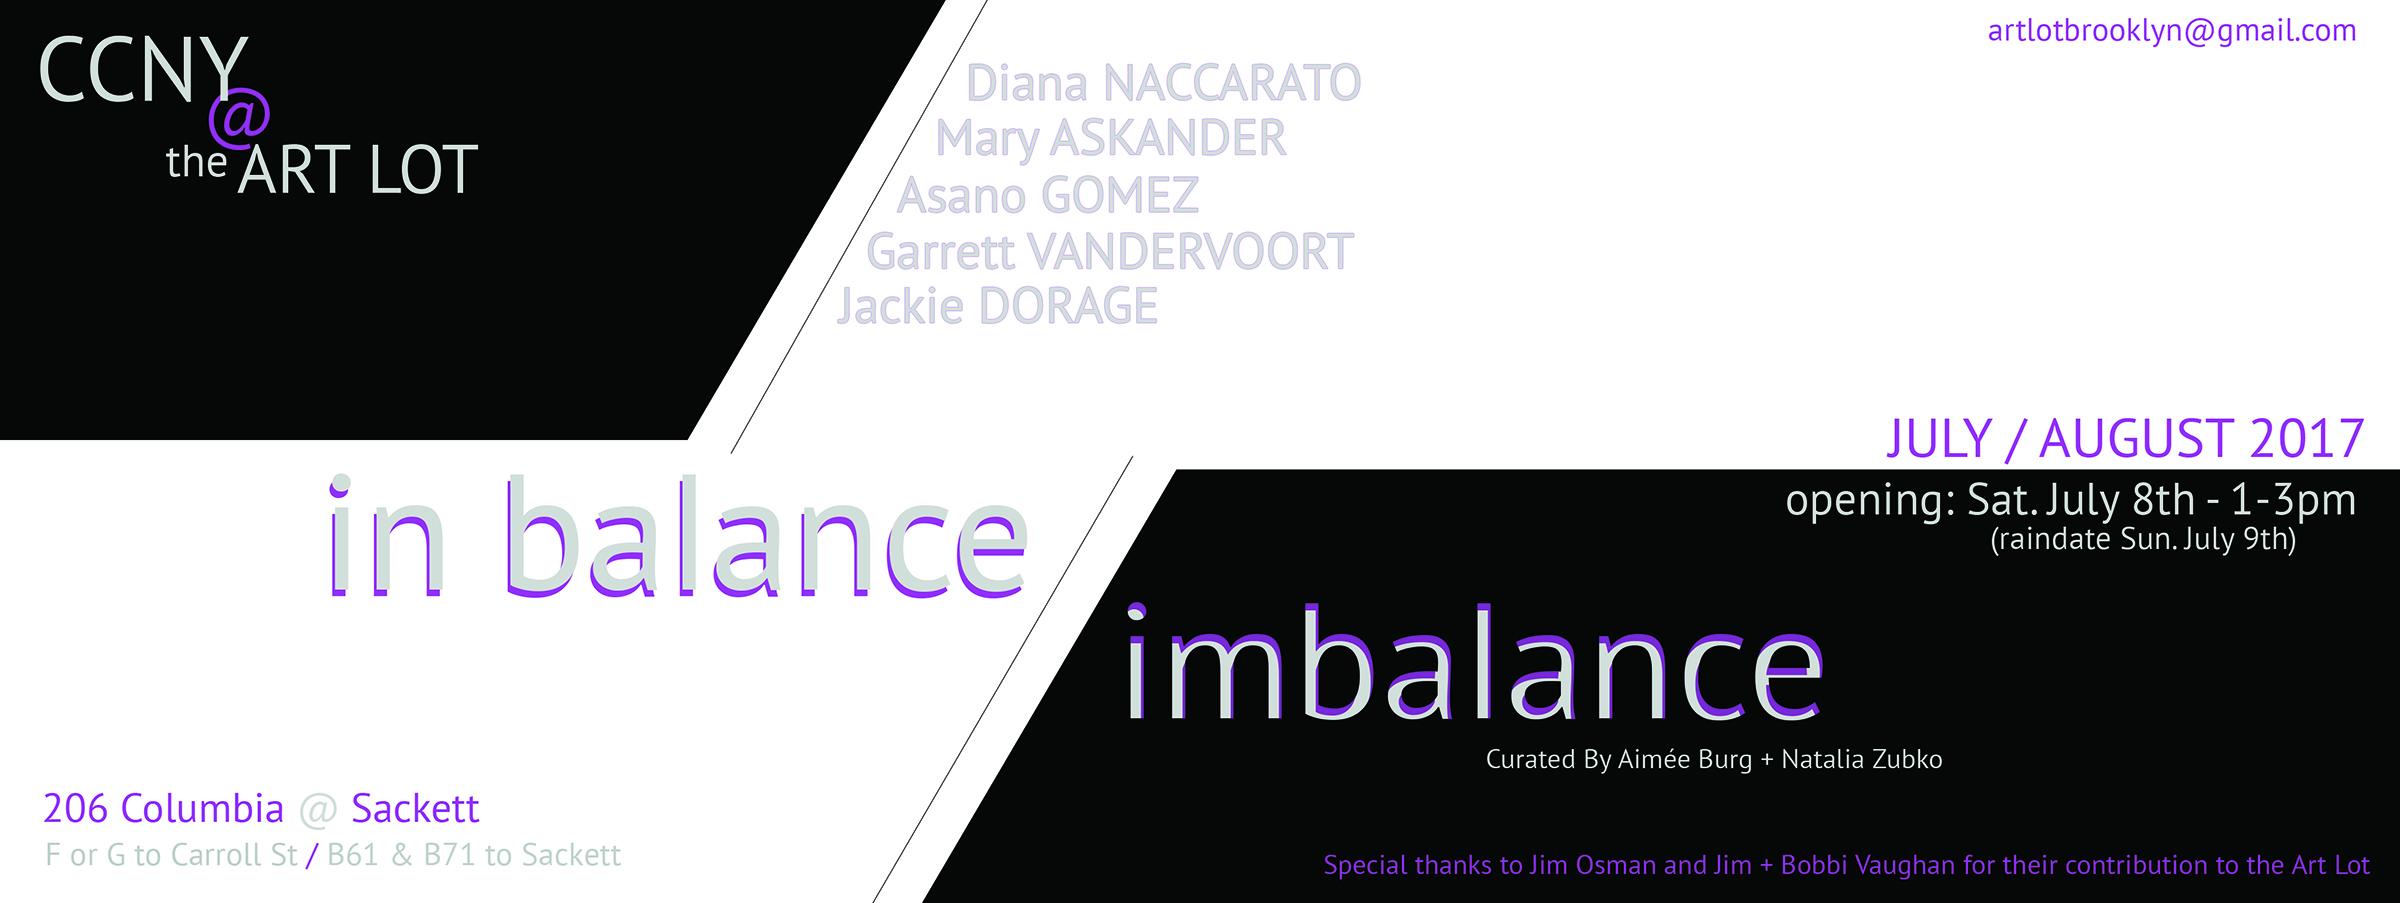 ARTLOT_in balance_imbalance_JULY8.jpg